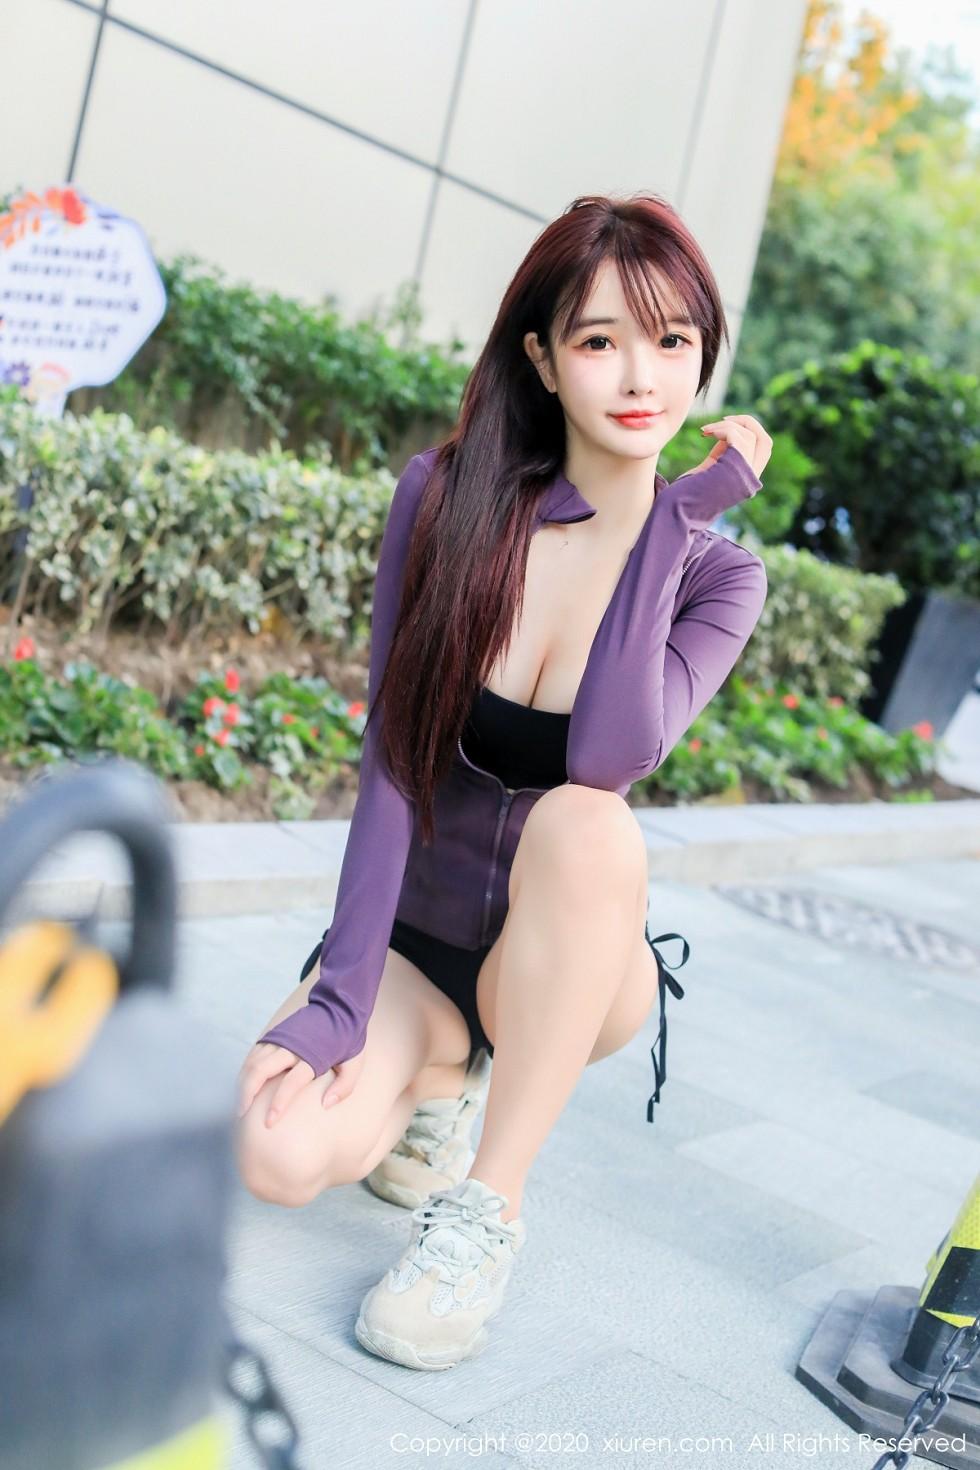 秀人网南初妹妹私房黑色运动内衣凸显雪白双峰完美身材诱惑写真图